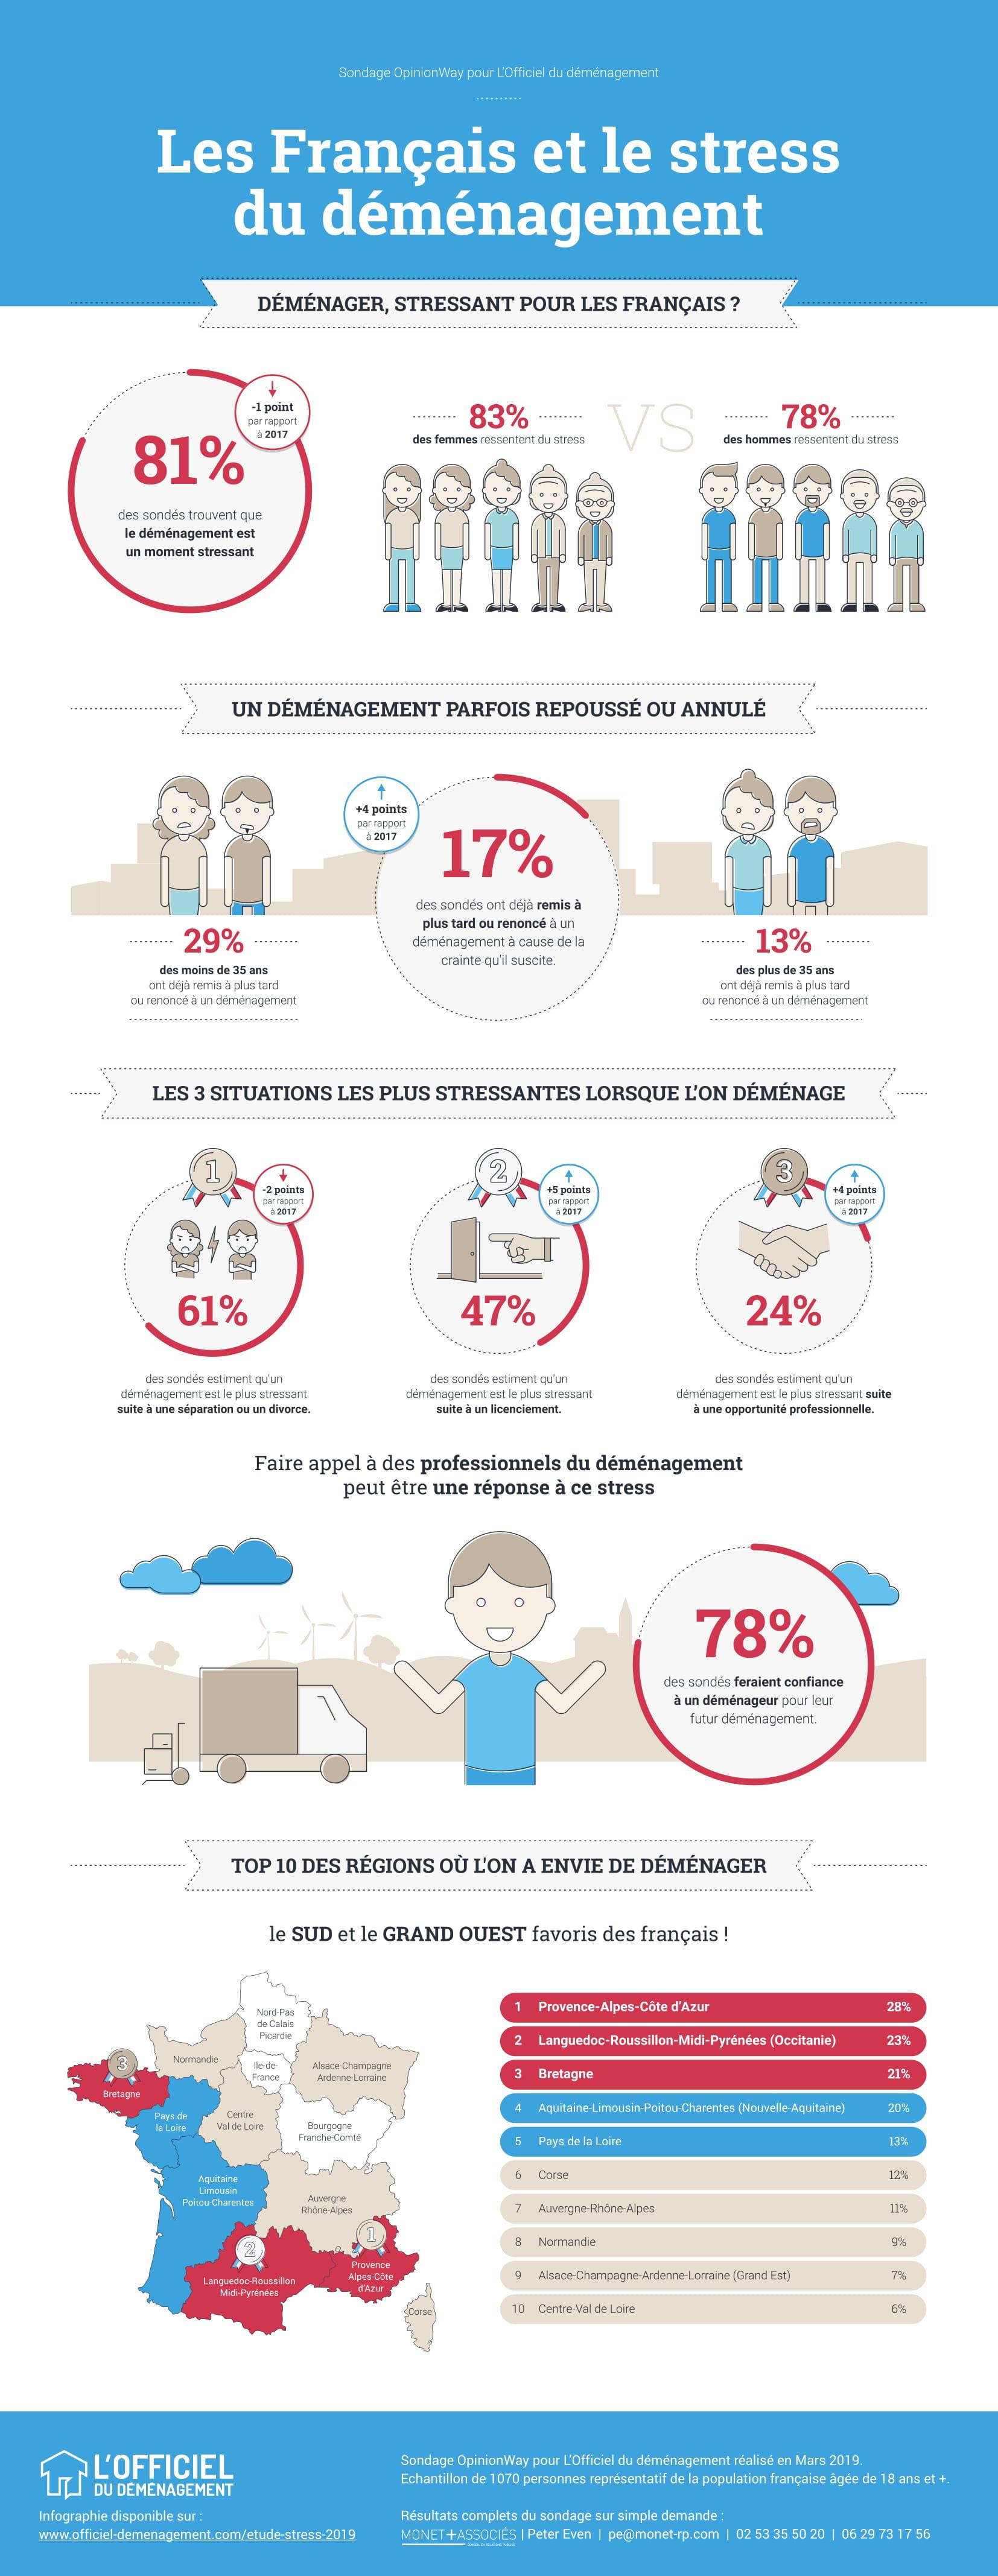 stress-demenagement-infographie-2019.jpg